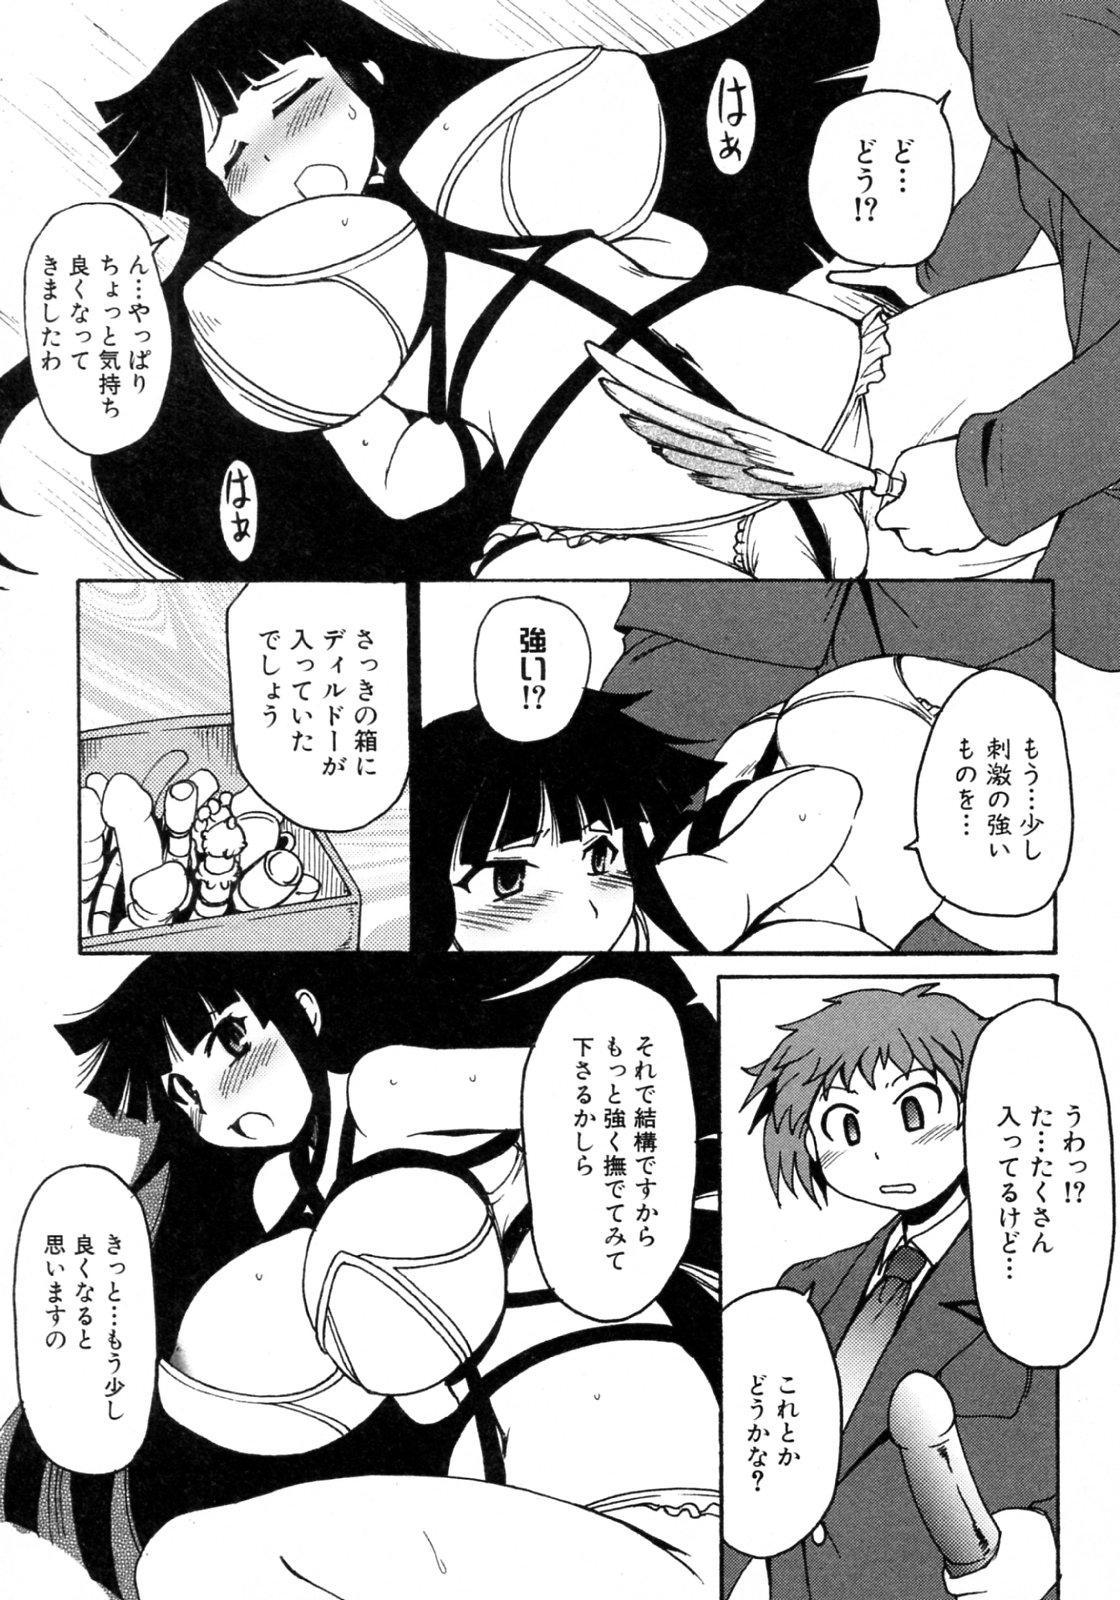 Kamisaki Karen ni Meirei nasai! Ch.01-02 28